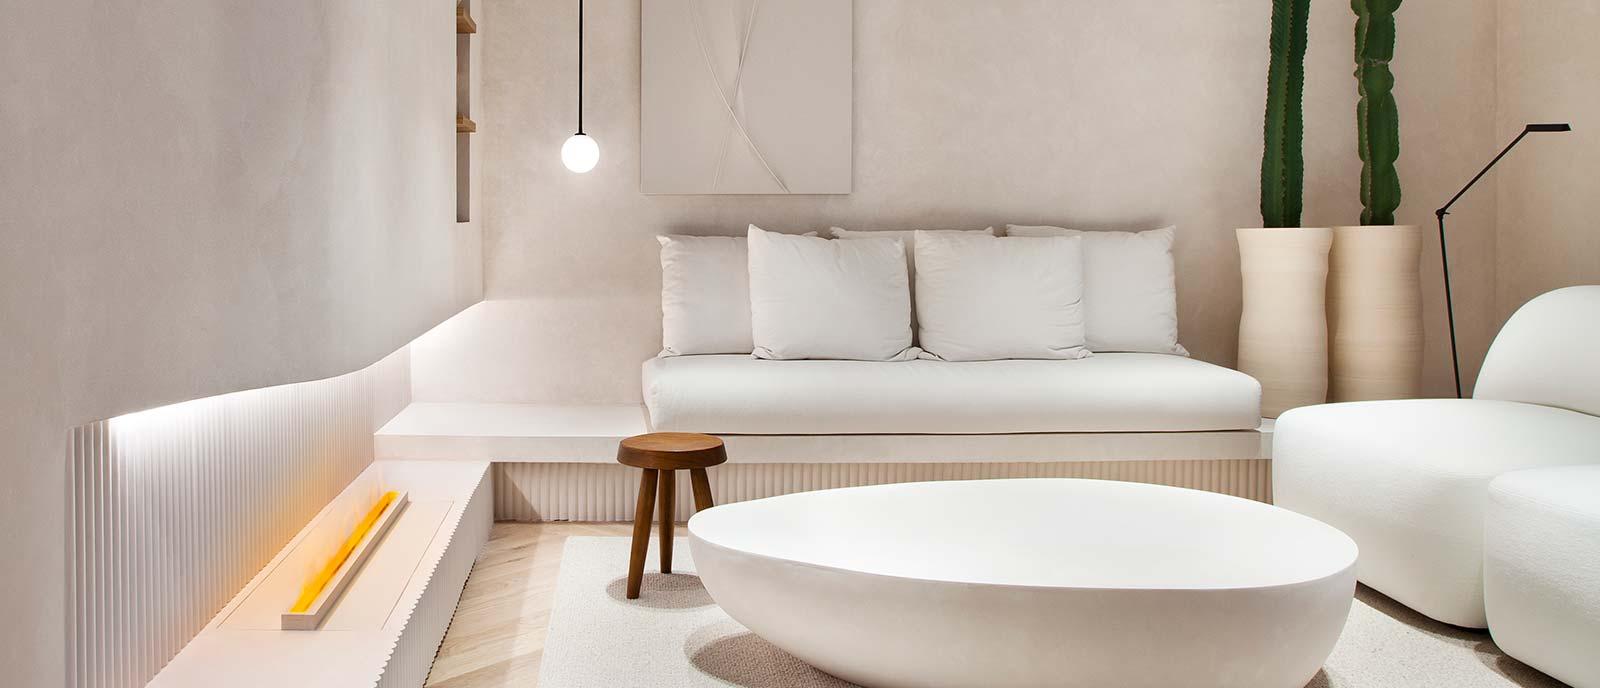 Casa Decor 2021: Espacios lujuoso con Interiores exclusivos casa decor 2021 Casa Decor 2021: Espacios lujuoso con Interiores exclusivos 20